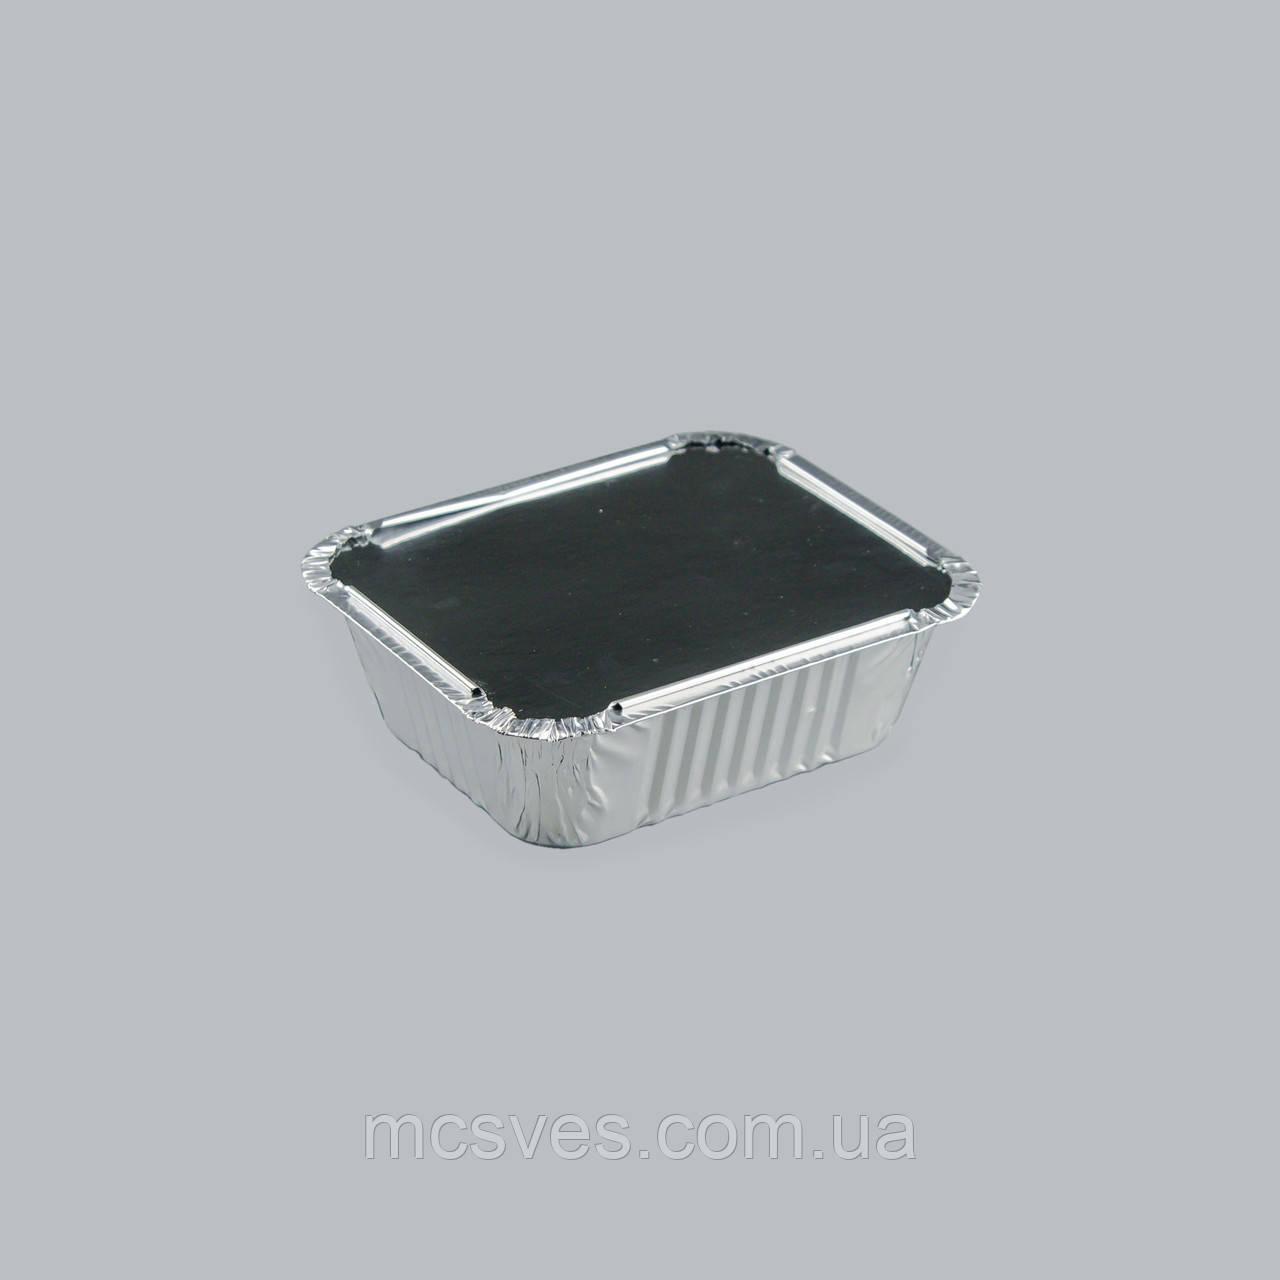 Контейнер с крышкой из пищевой алюминиевой фольги R46L